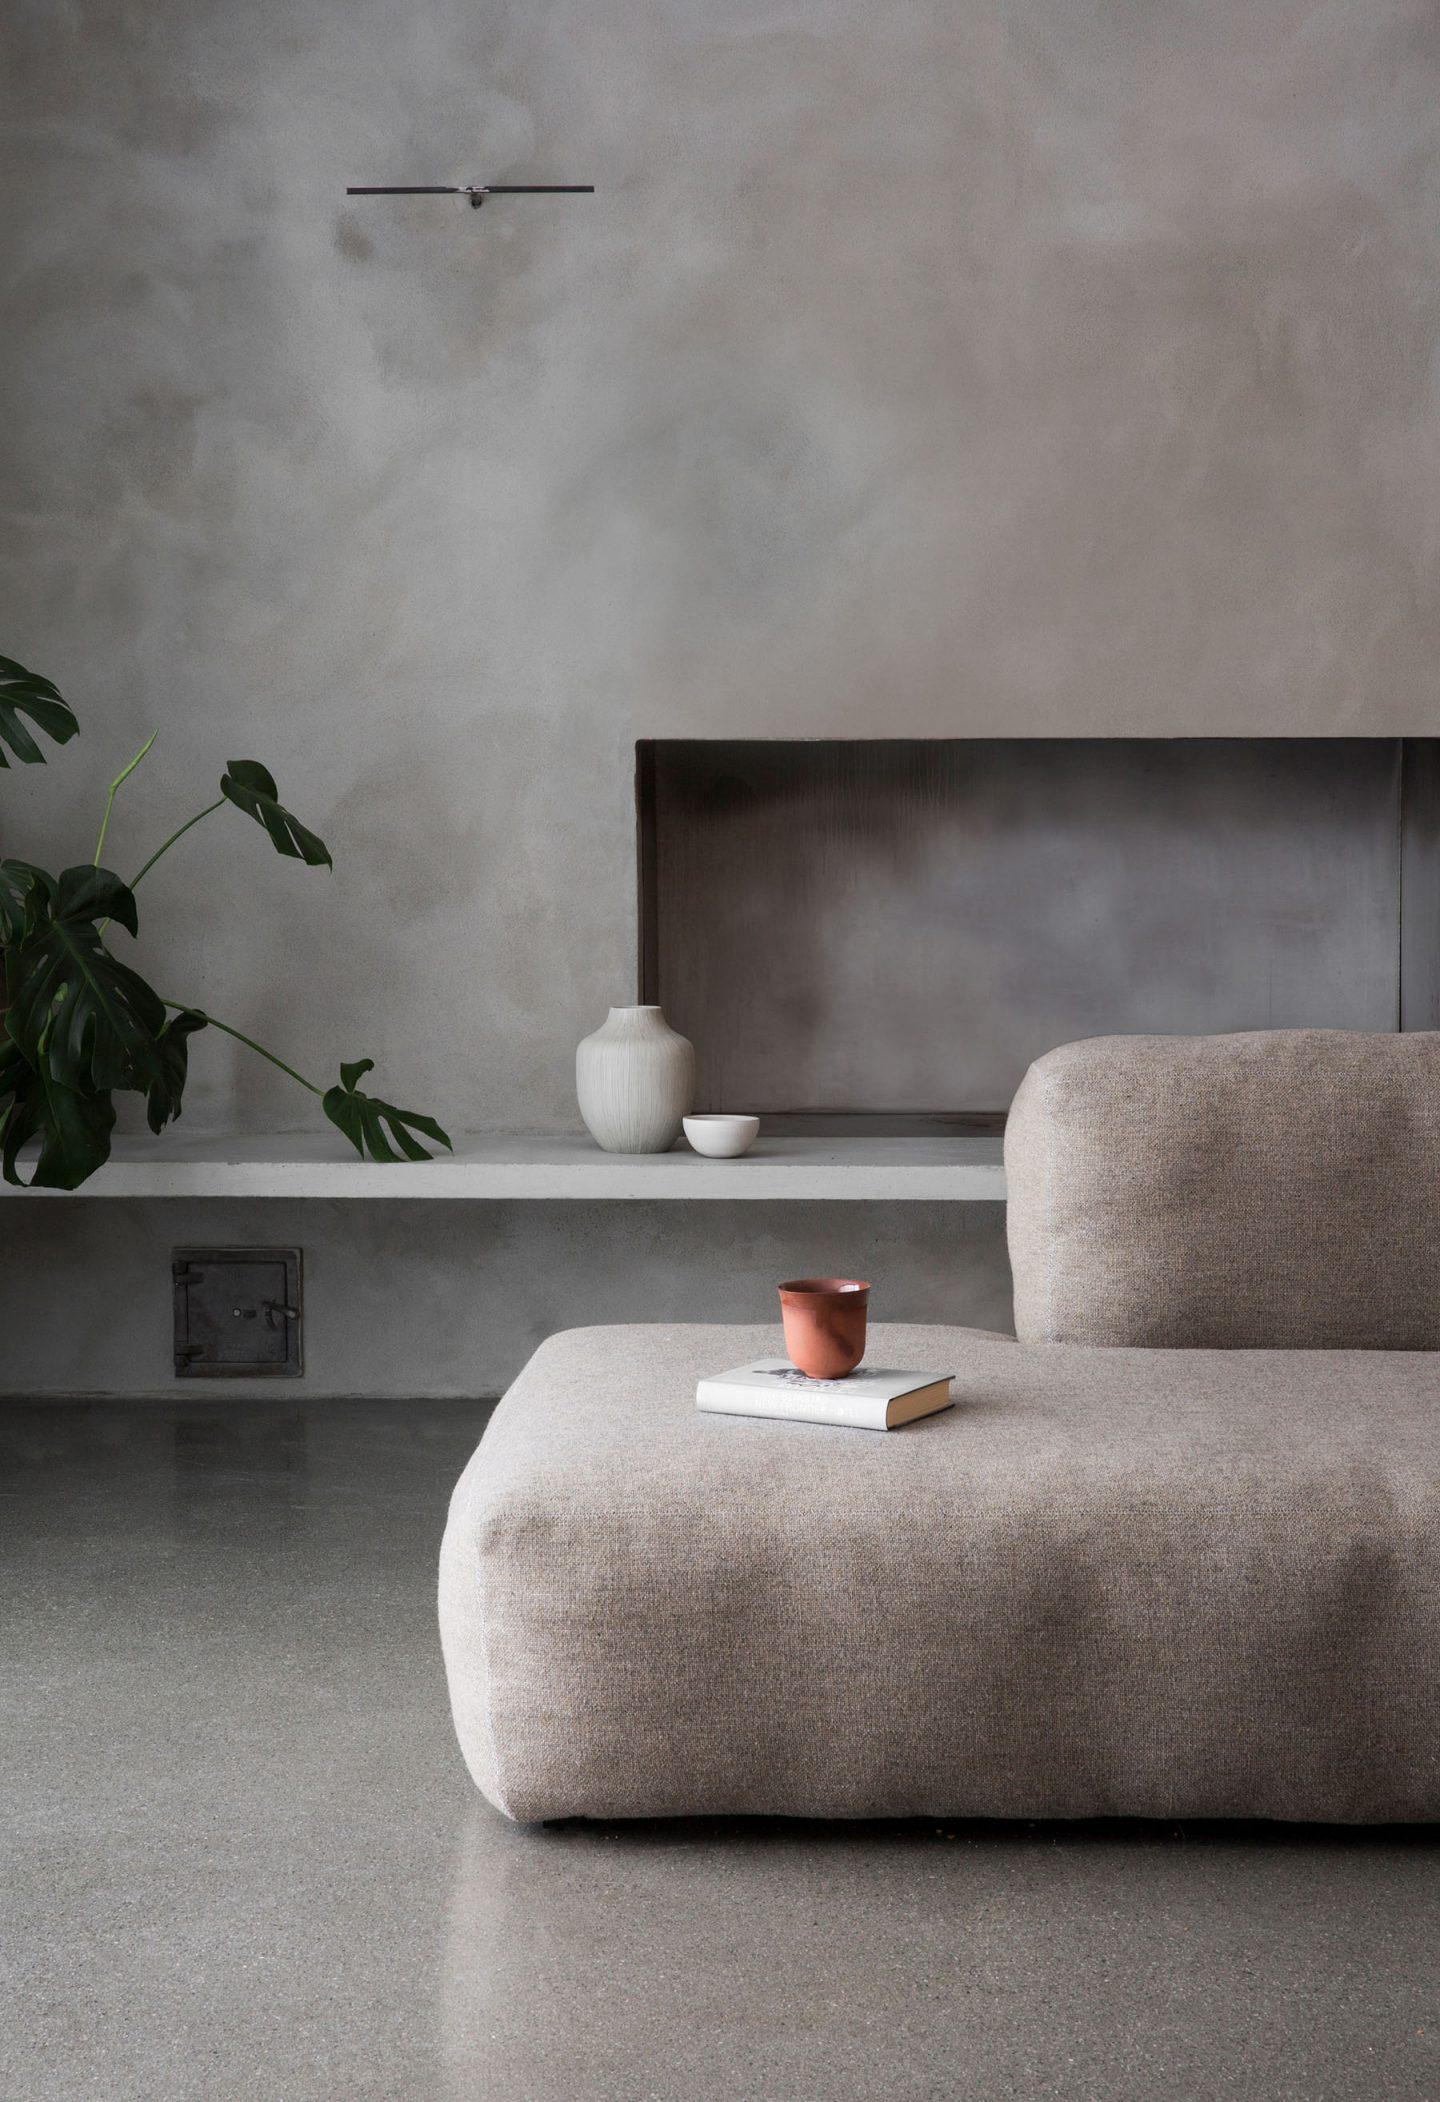 iGNANT-Architecture-Norm-Architects-Gjovik-House-03